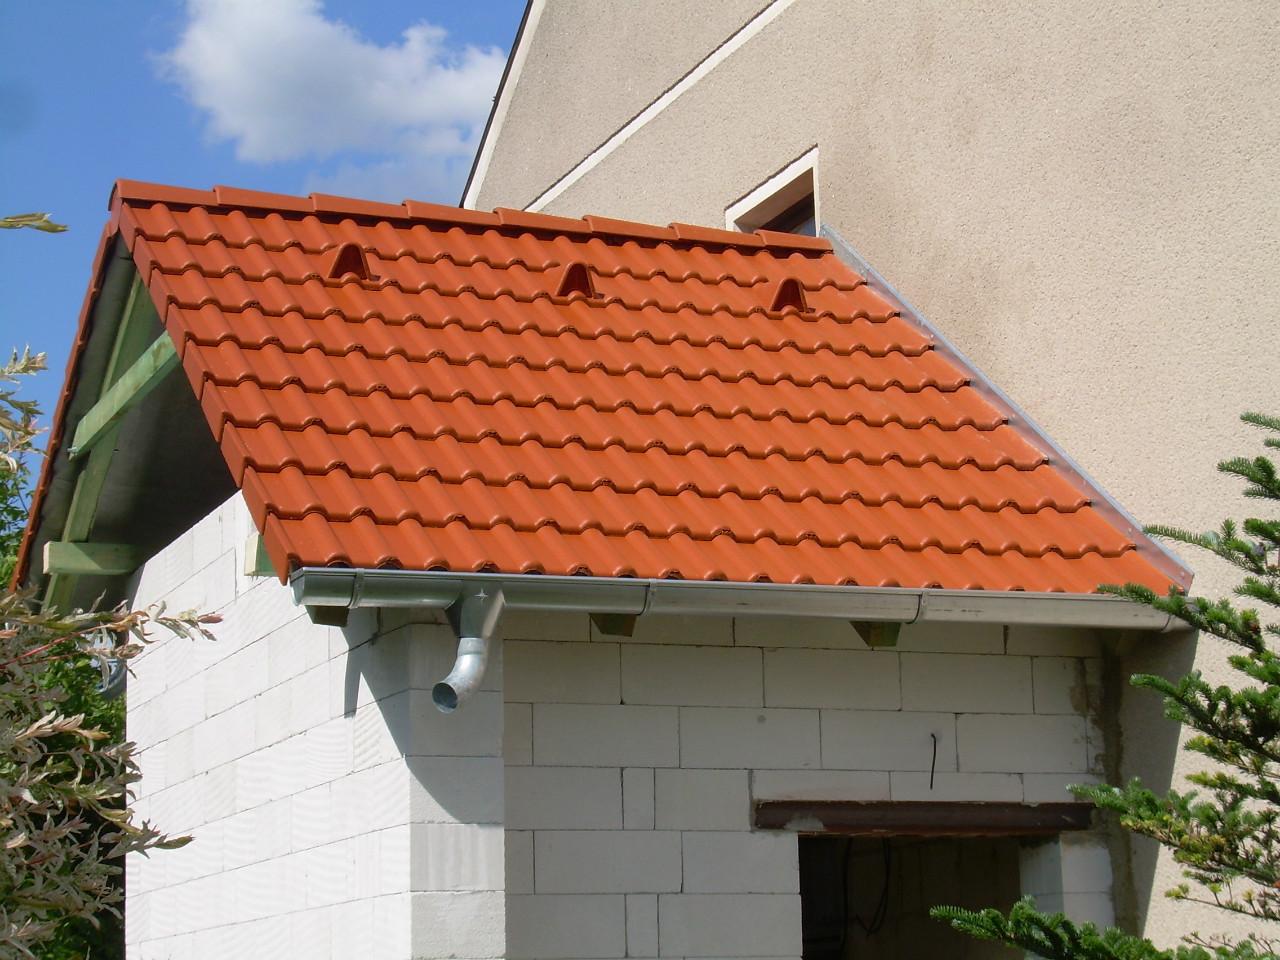 Klempířské, pokrývačské a tesařské práce, realizace a rekonstrukce střech